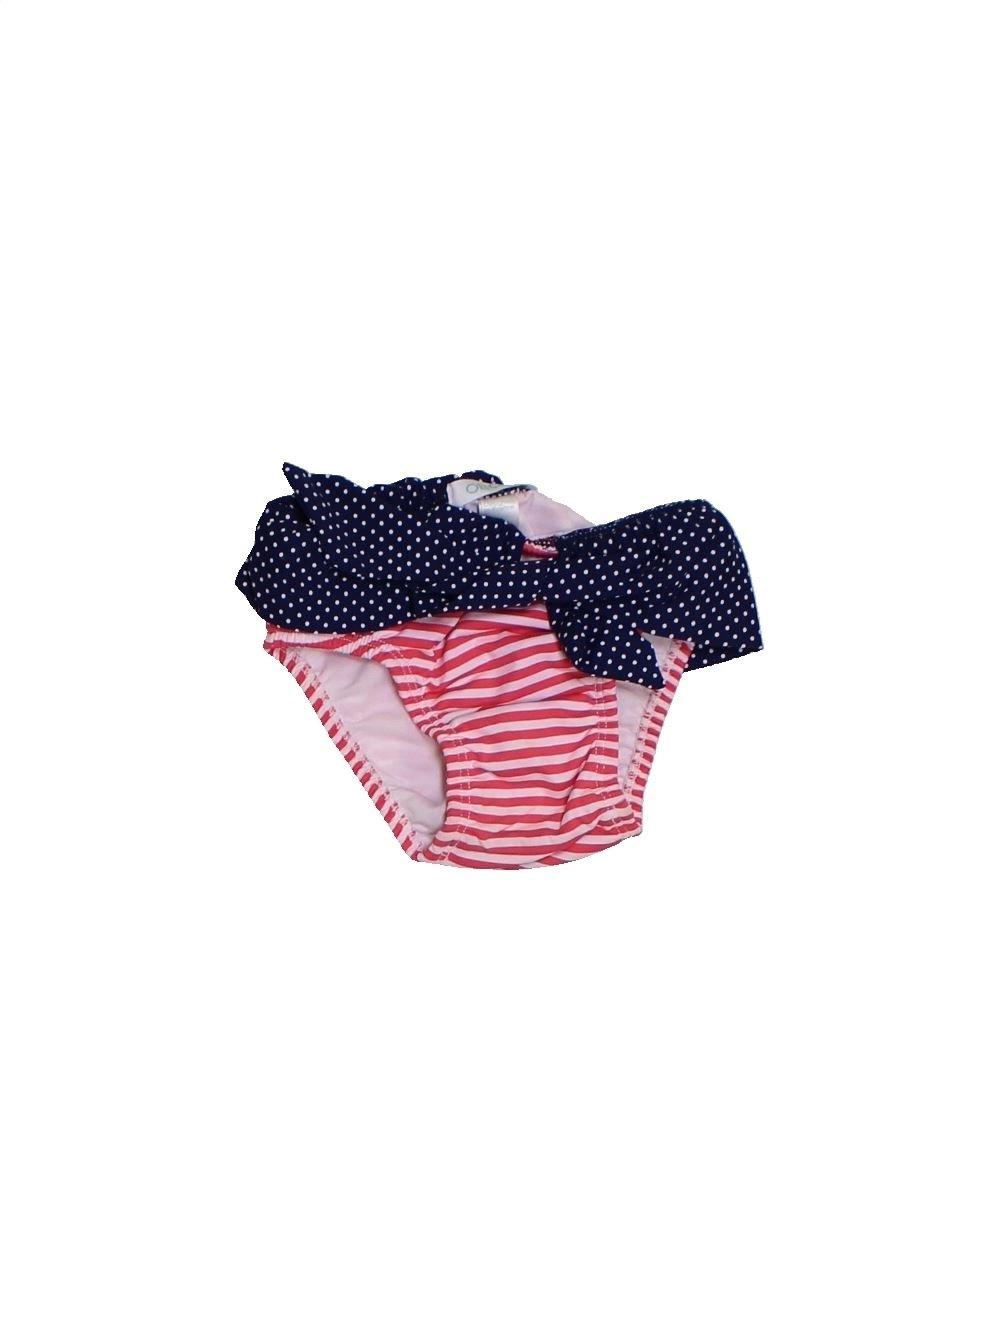 choisir authentique nouveau design pas cher Maillot de bain Fille OKAIDI 2 ans pas cher, 4.99 € - #1325459